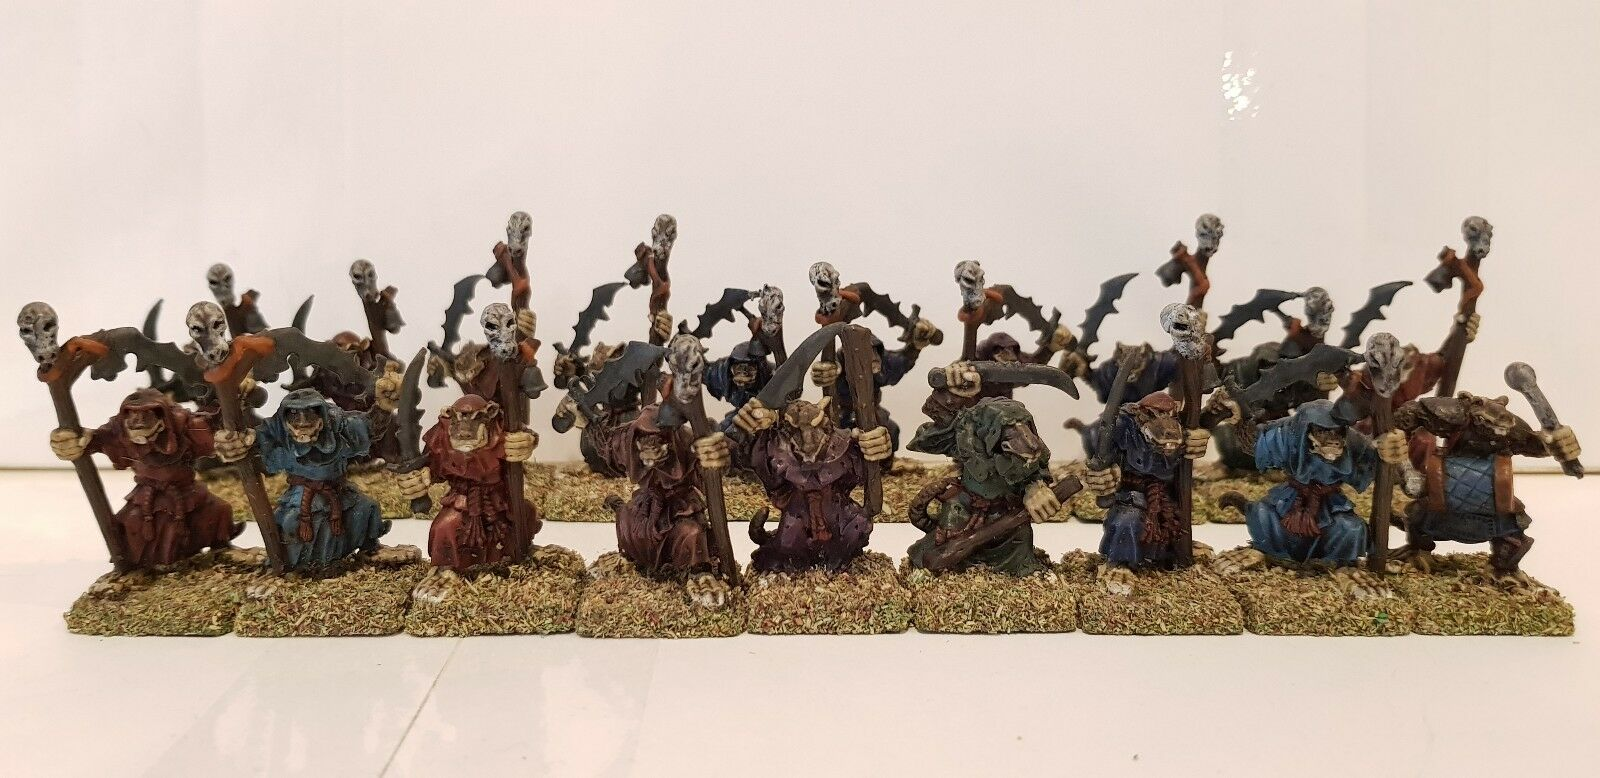 19x SKAVEN Clásico ratmen con espadas fabricante desconocido Modelos de metal pintado bien